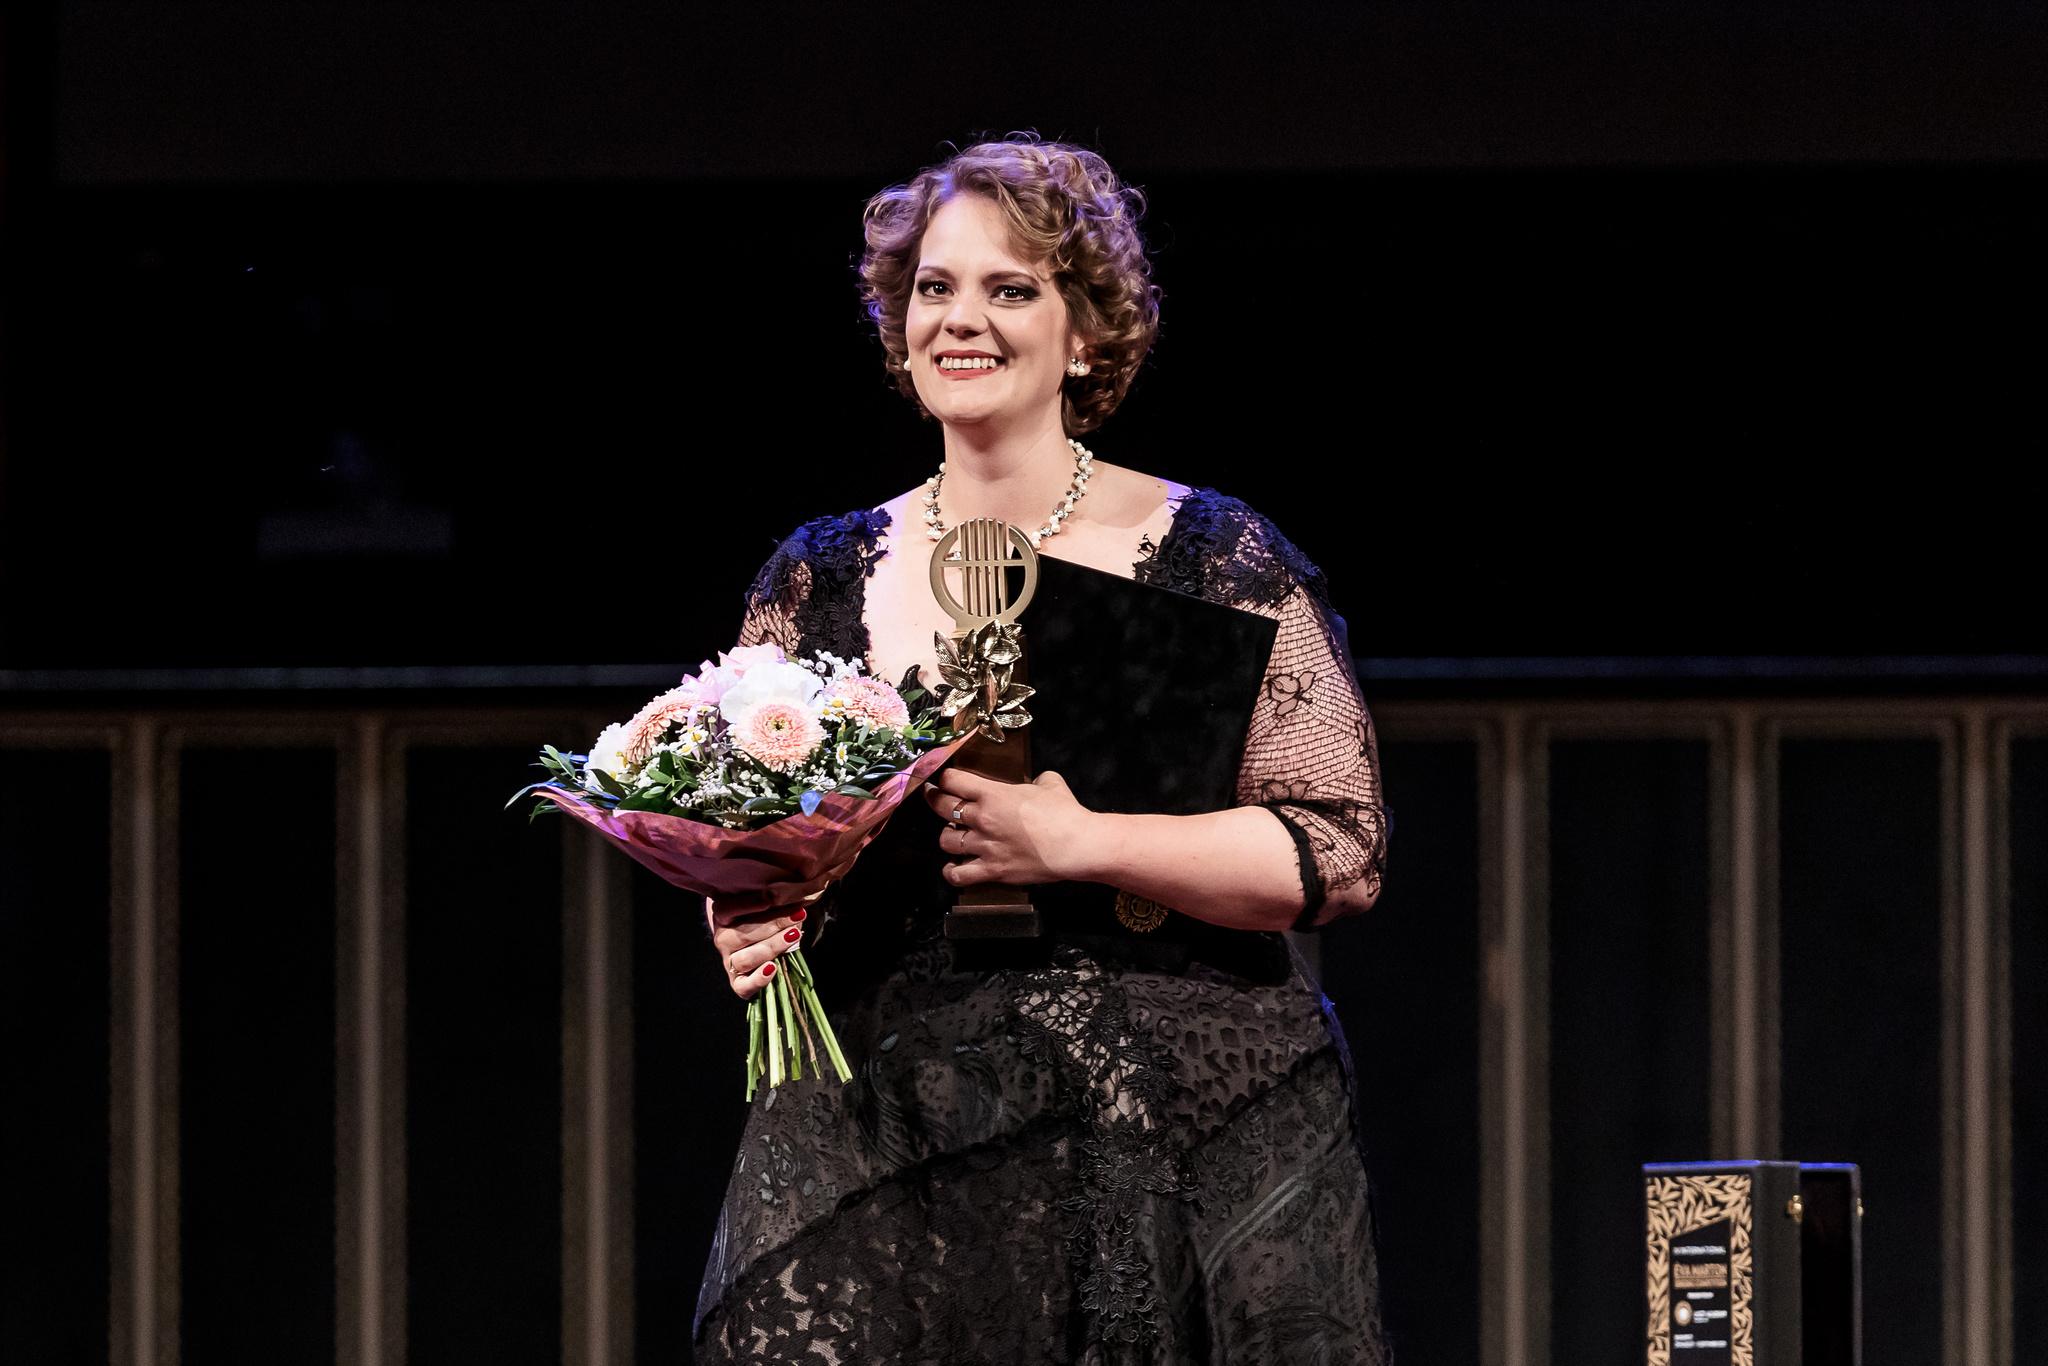 Serbische Sopranistin gewann internationalen Éva Marton Gesangswettbewerb